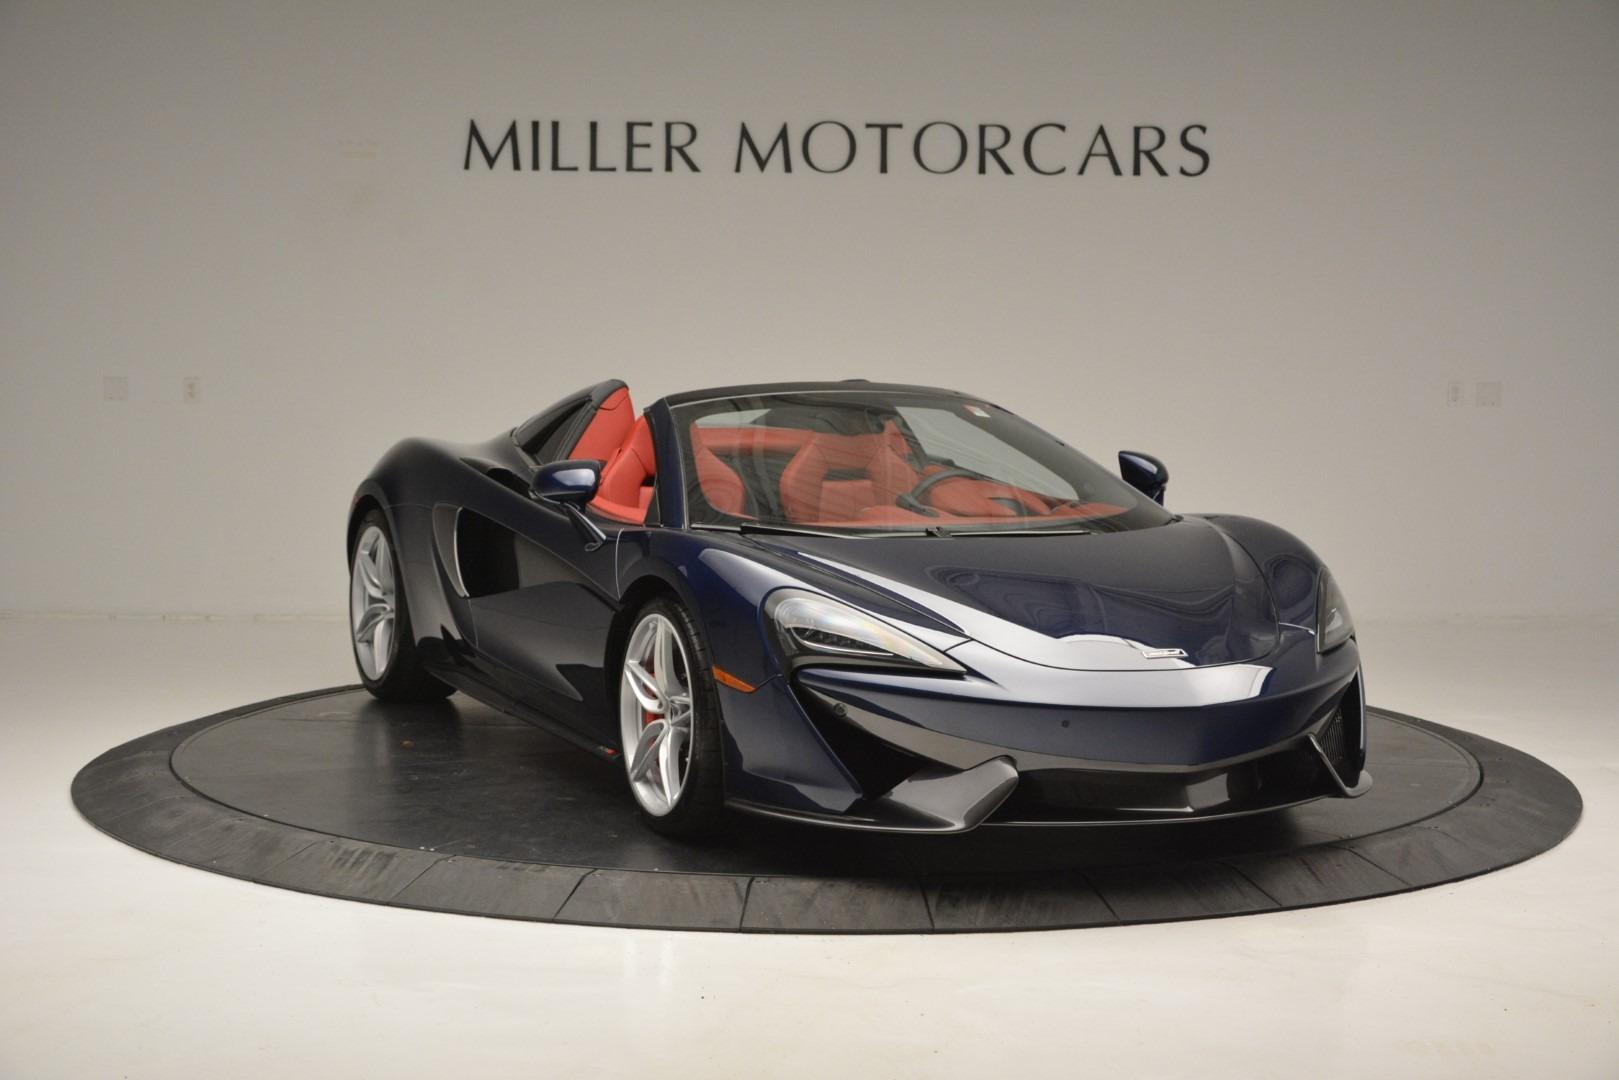 New 2019 McLaren 570S Spider Convertible For Sale In Westport, CT 2727_p11